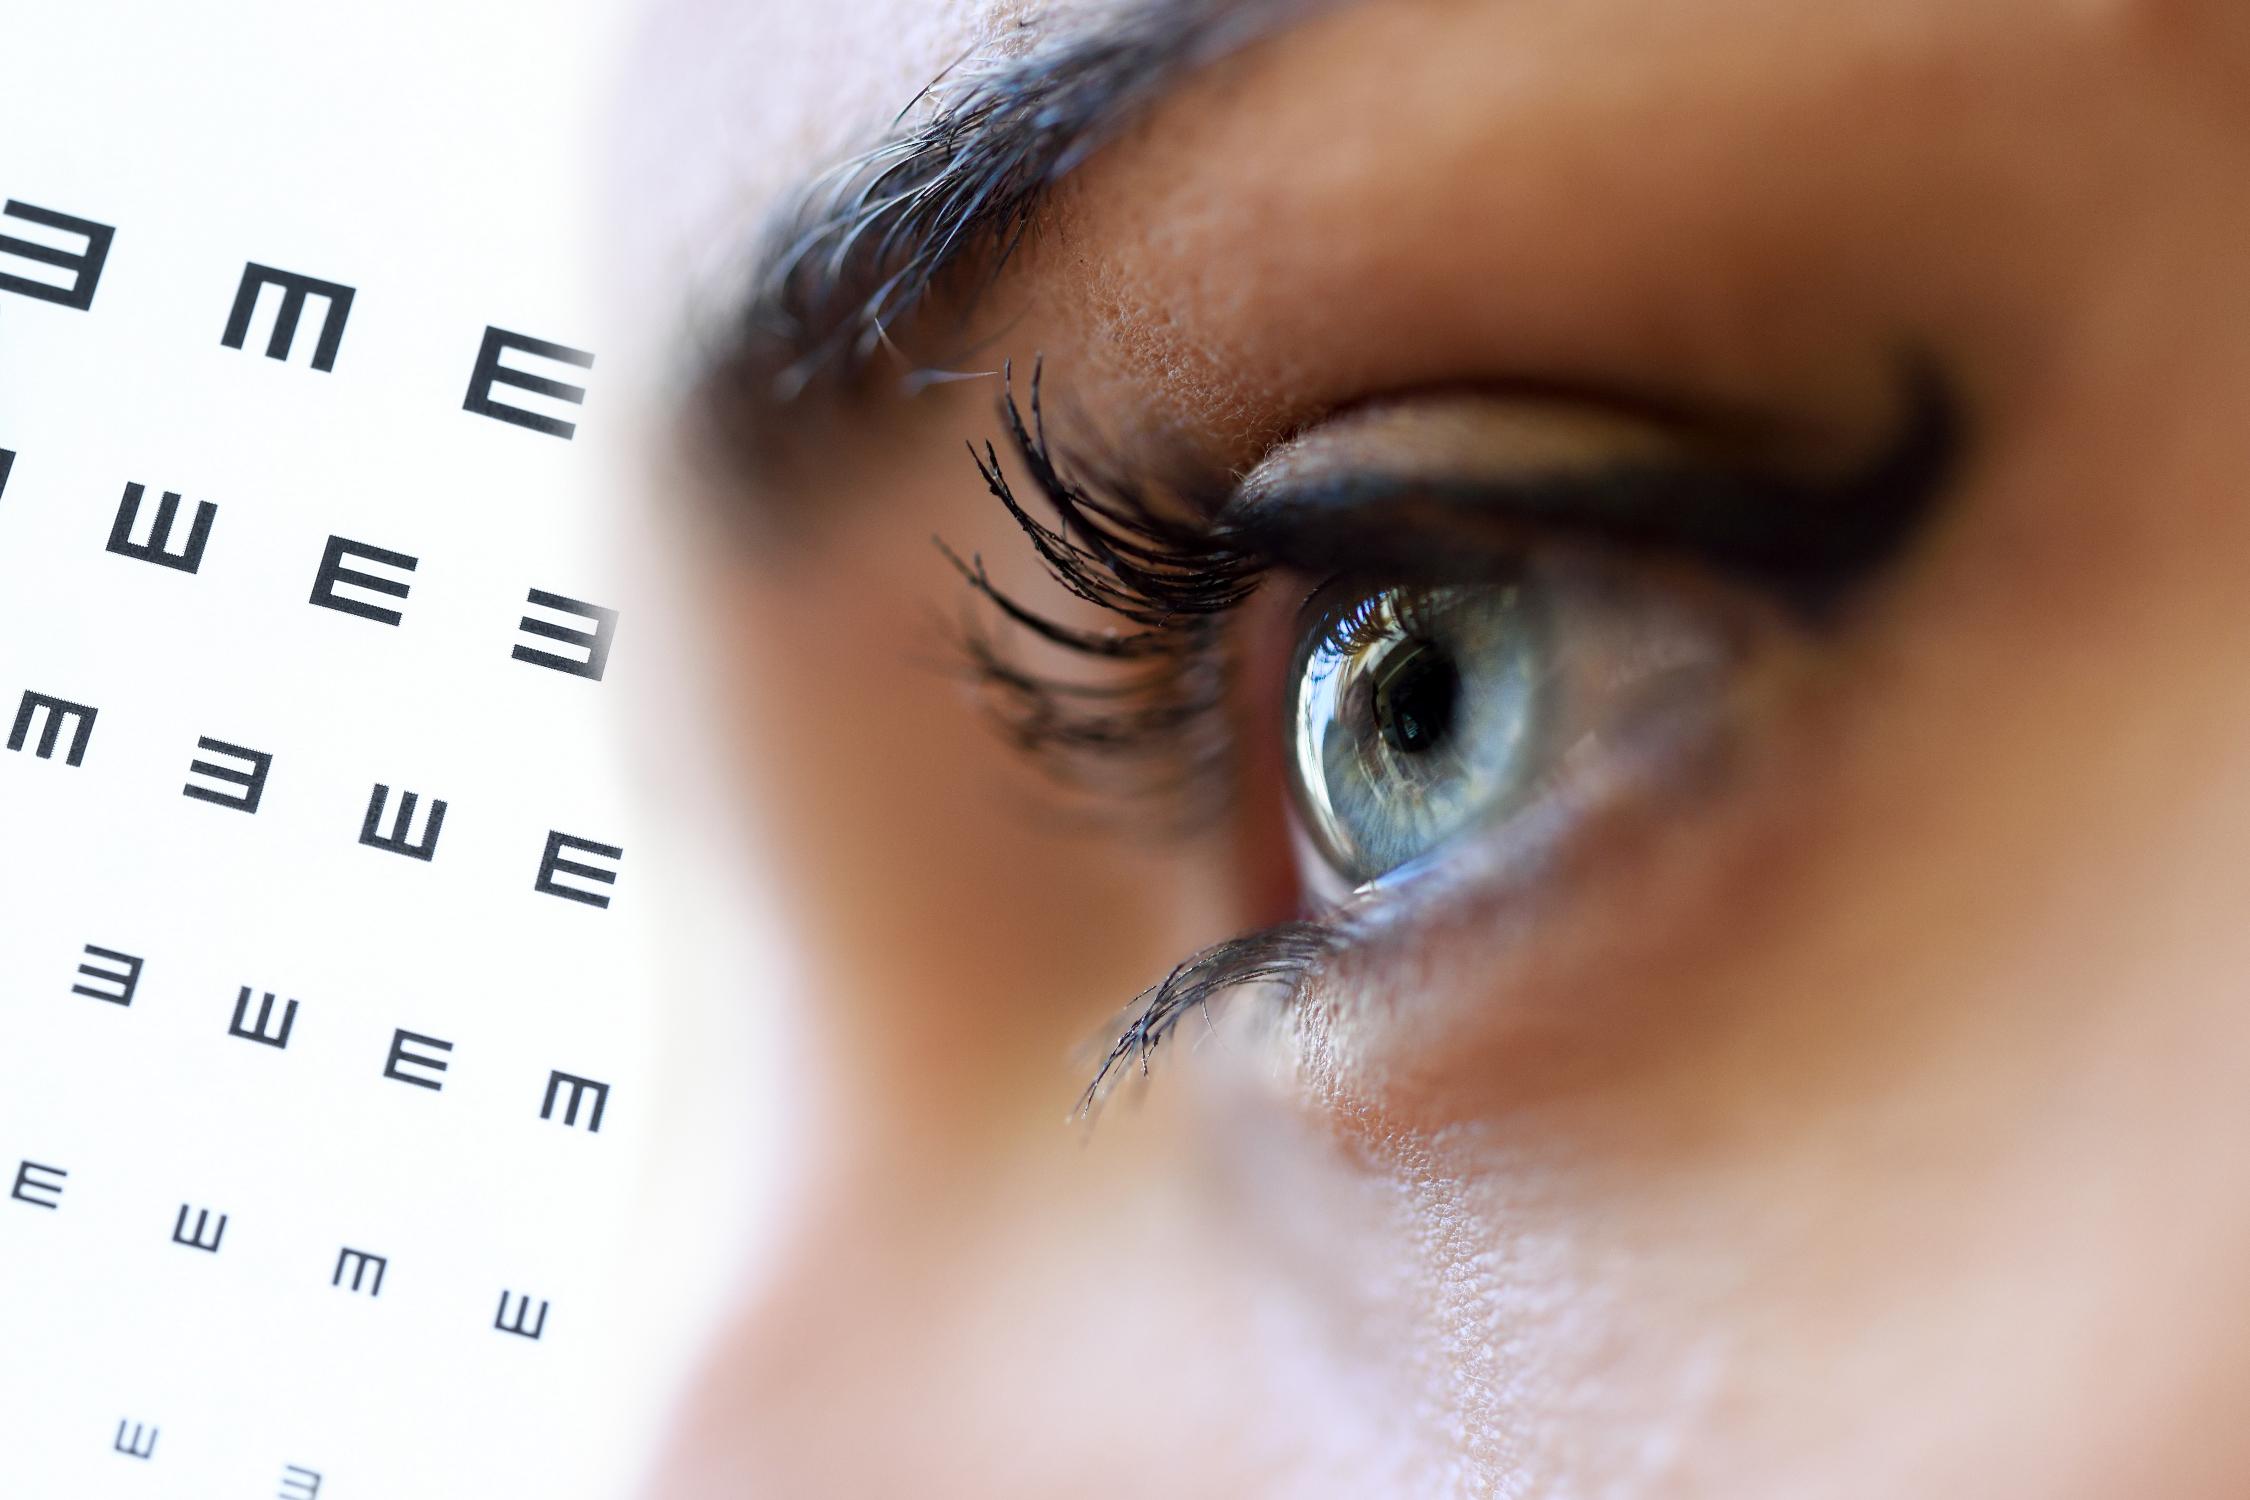 Látás hónapja az Óbudai Egyetemen – ingyenes szemészeti szűrés  munkatársainknak 4309dbc218